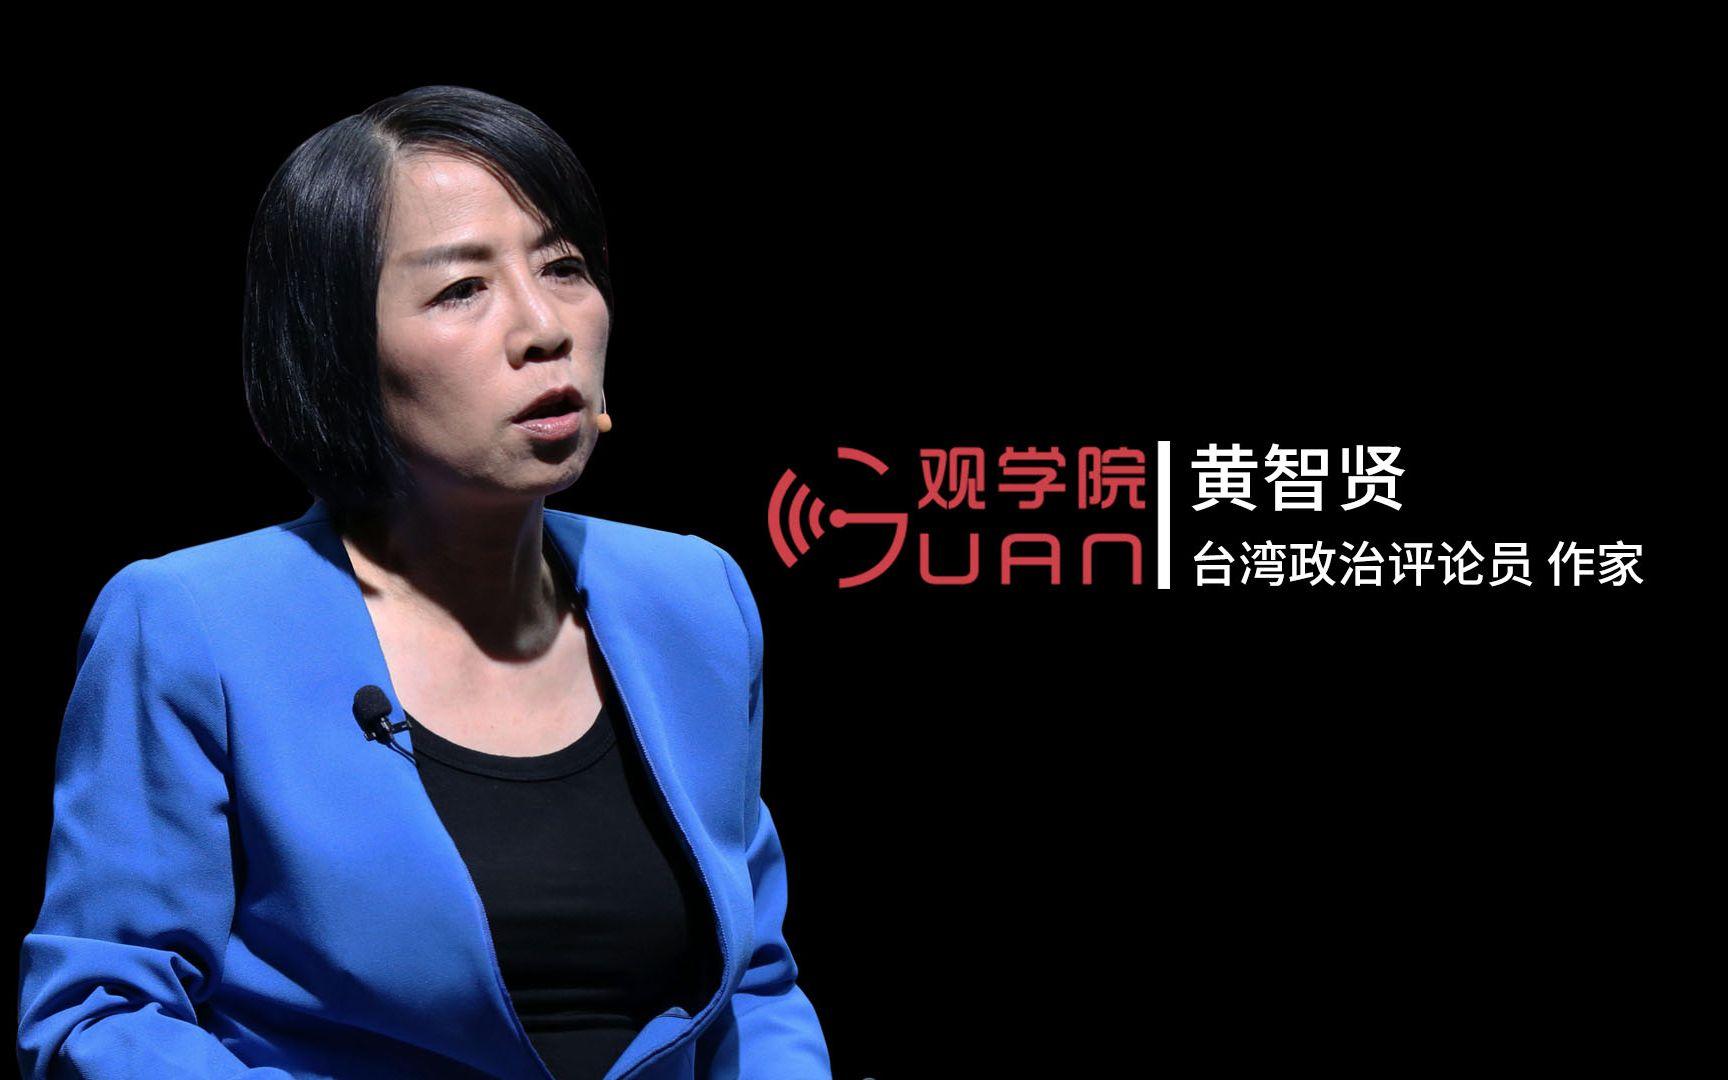 黄智贤:停掉《夜问打权》,蔡英文到底怕我什么?